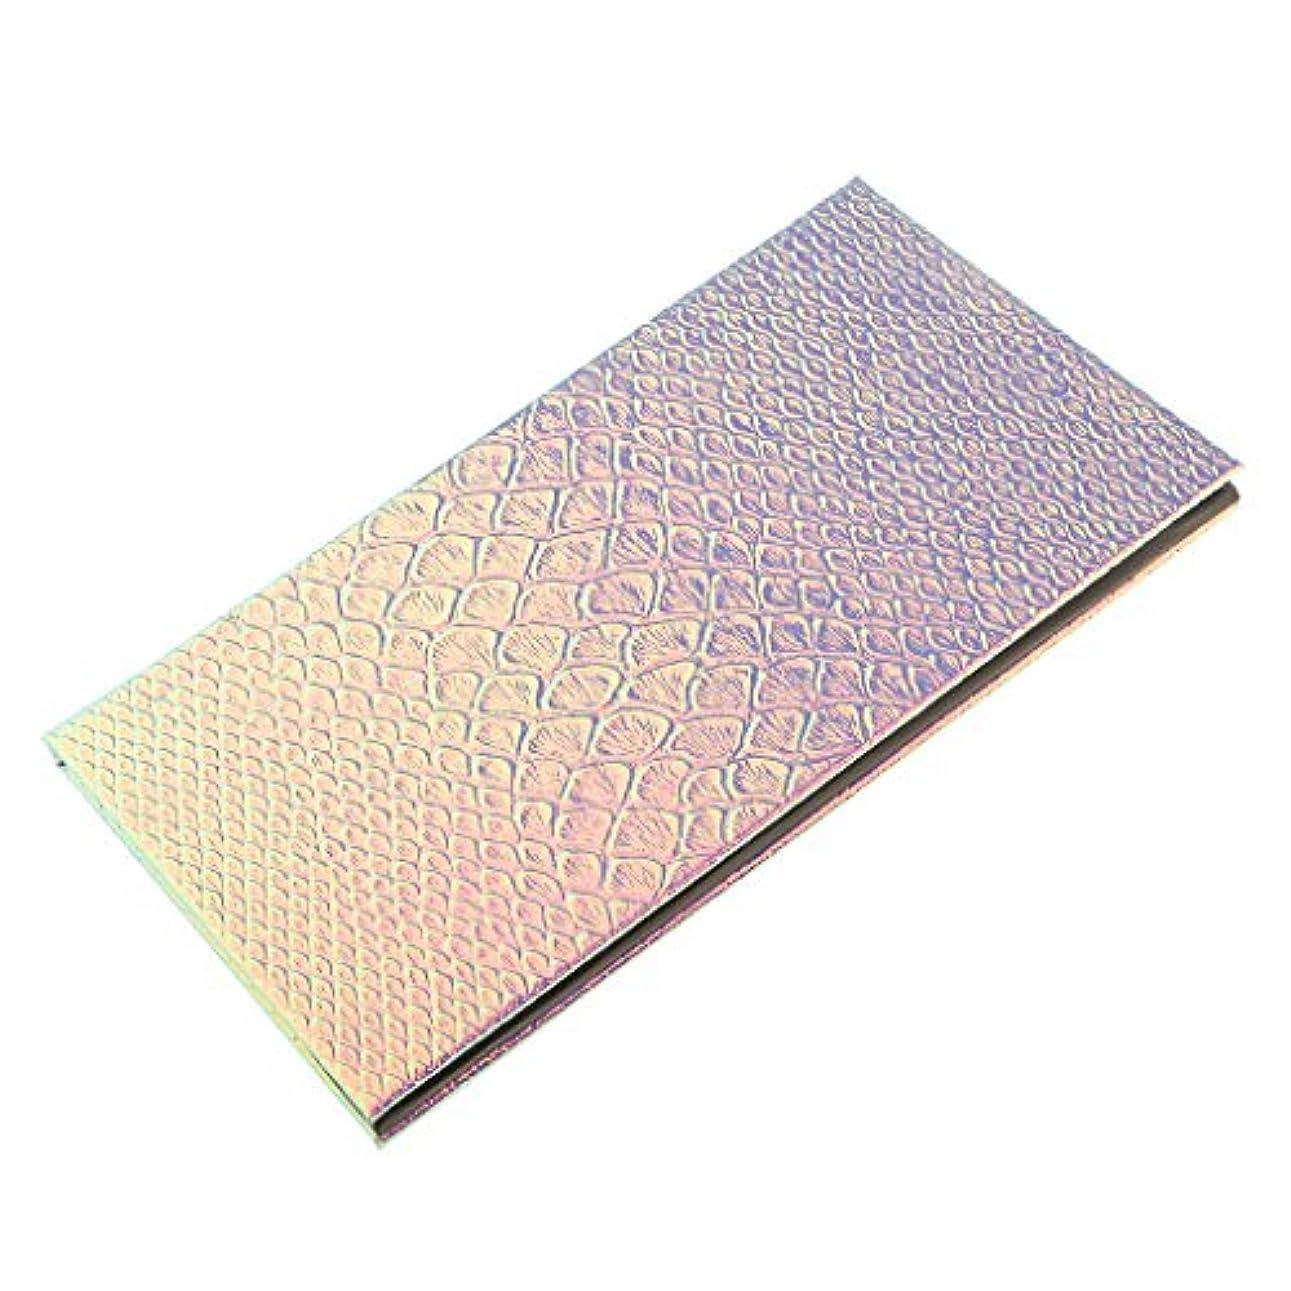 行為酸素れんが磁気パレットボックス 空の磁気パレット メイクアップ 化粧 コスメ 収納 ボックス 全2サイズ選べ - 18x10cm